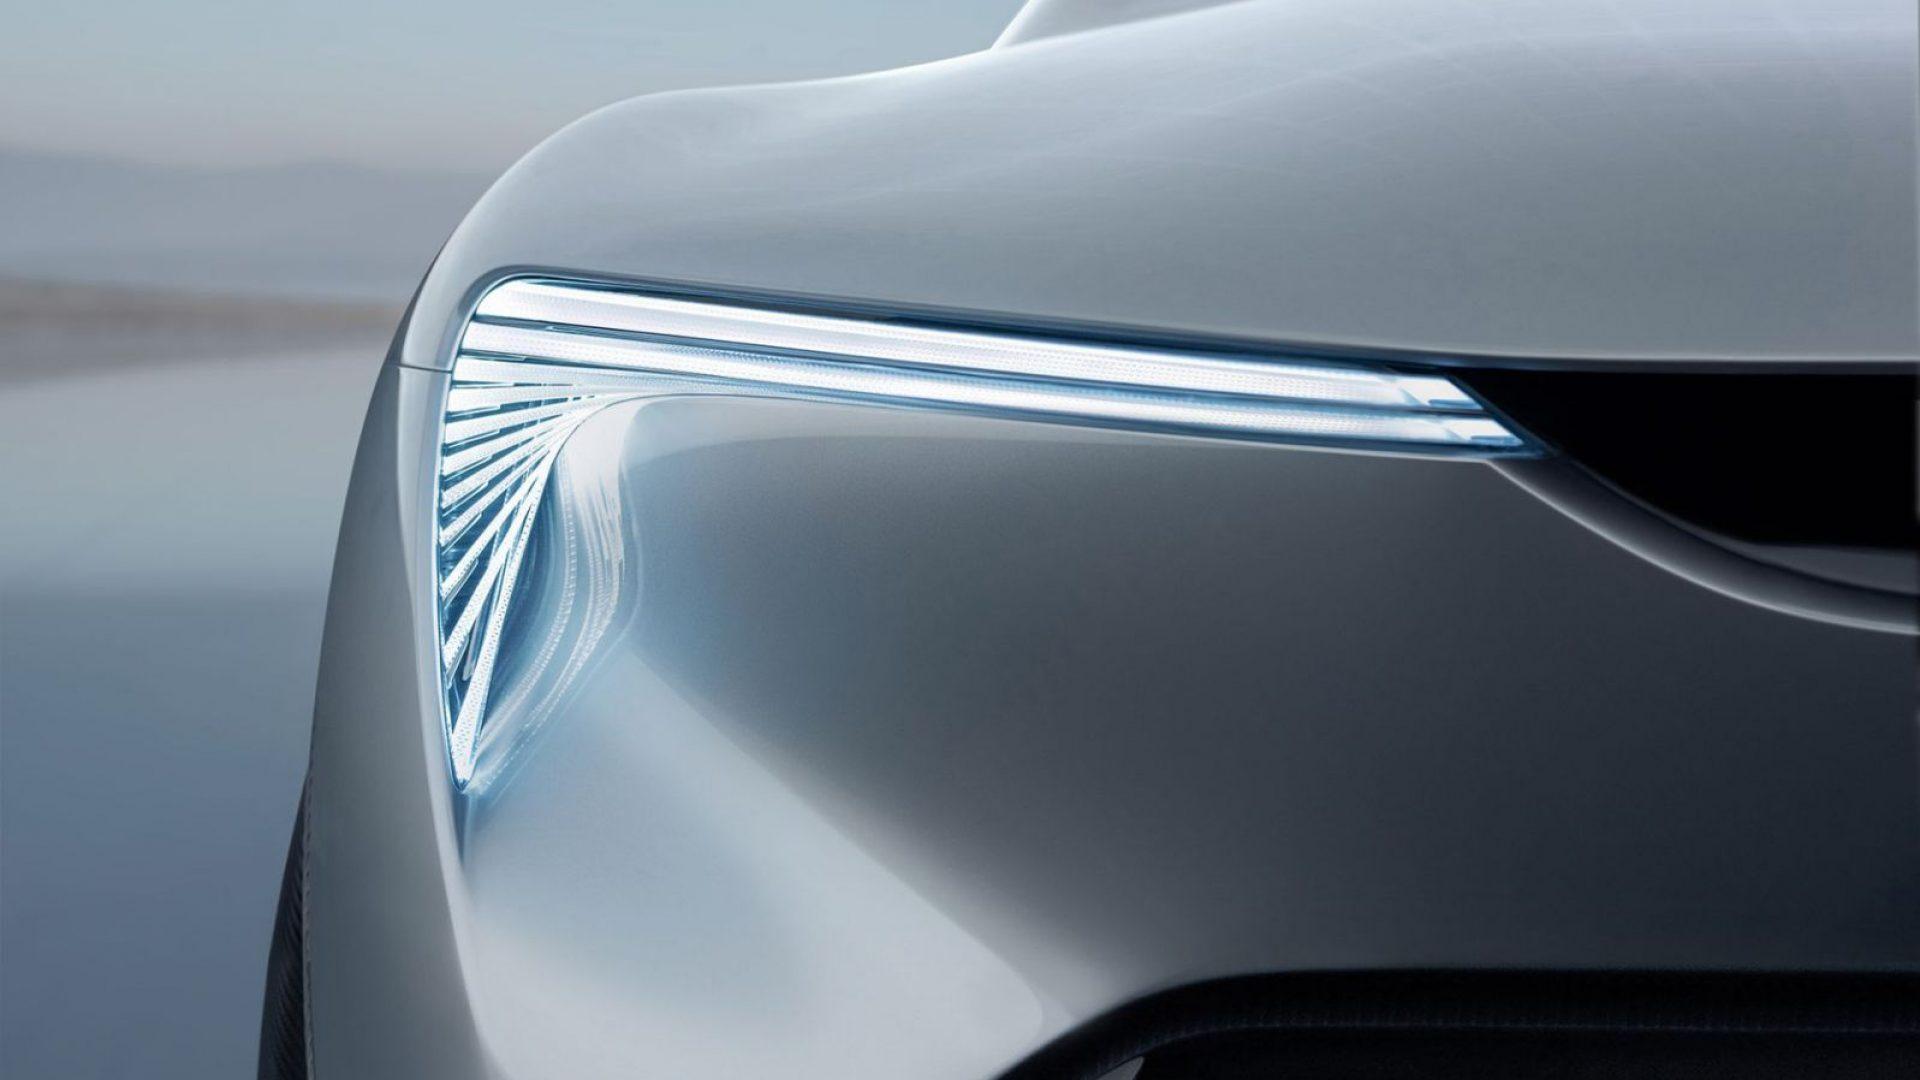 2020-Buick-Electra-Concept-12